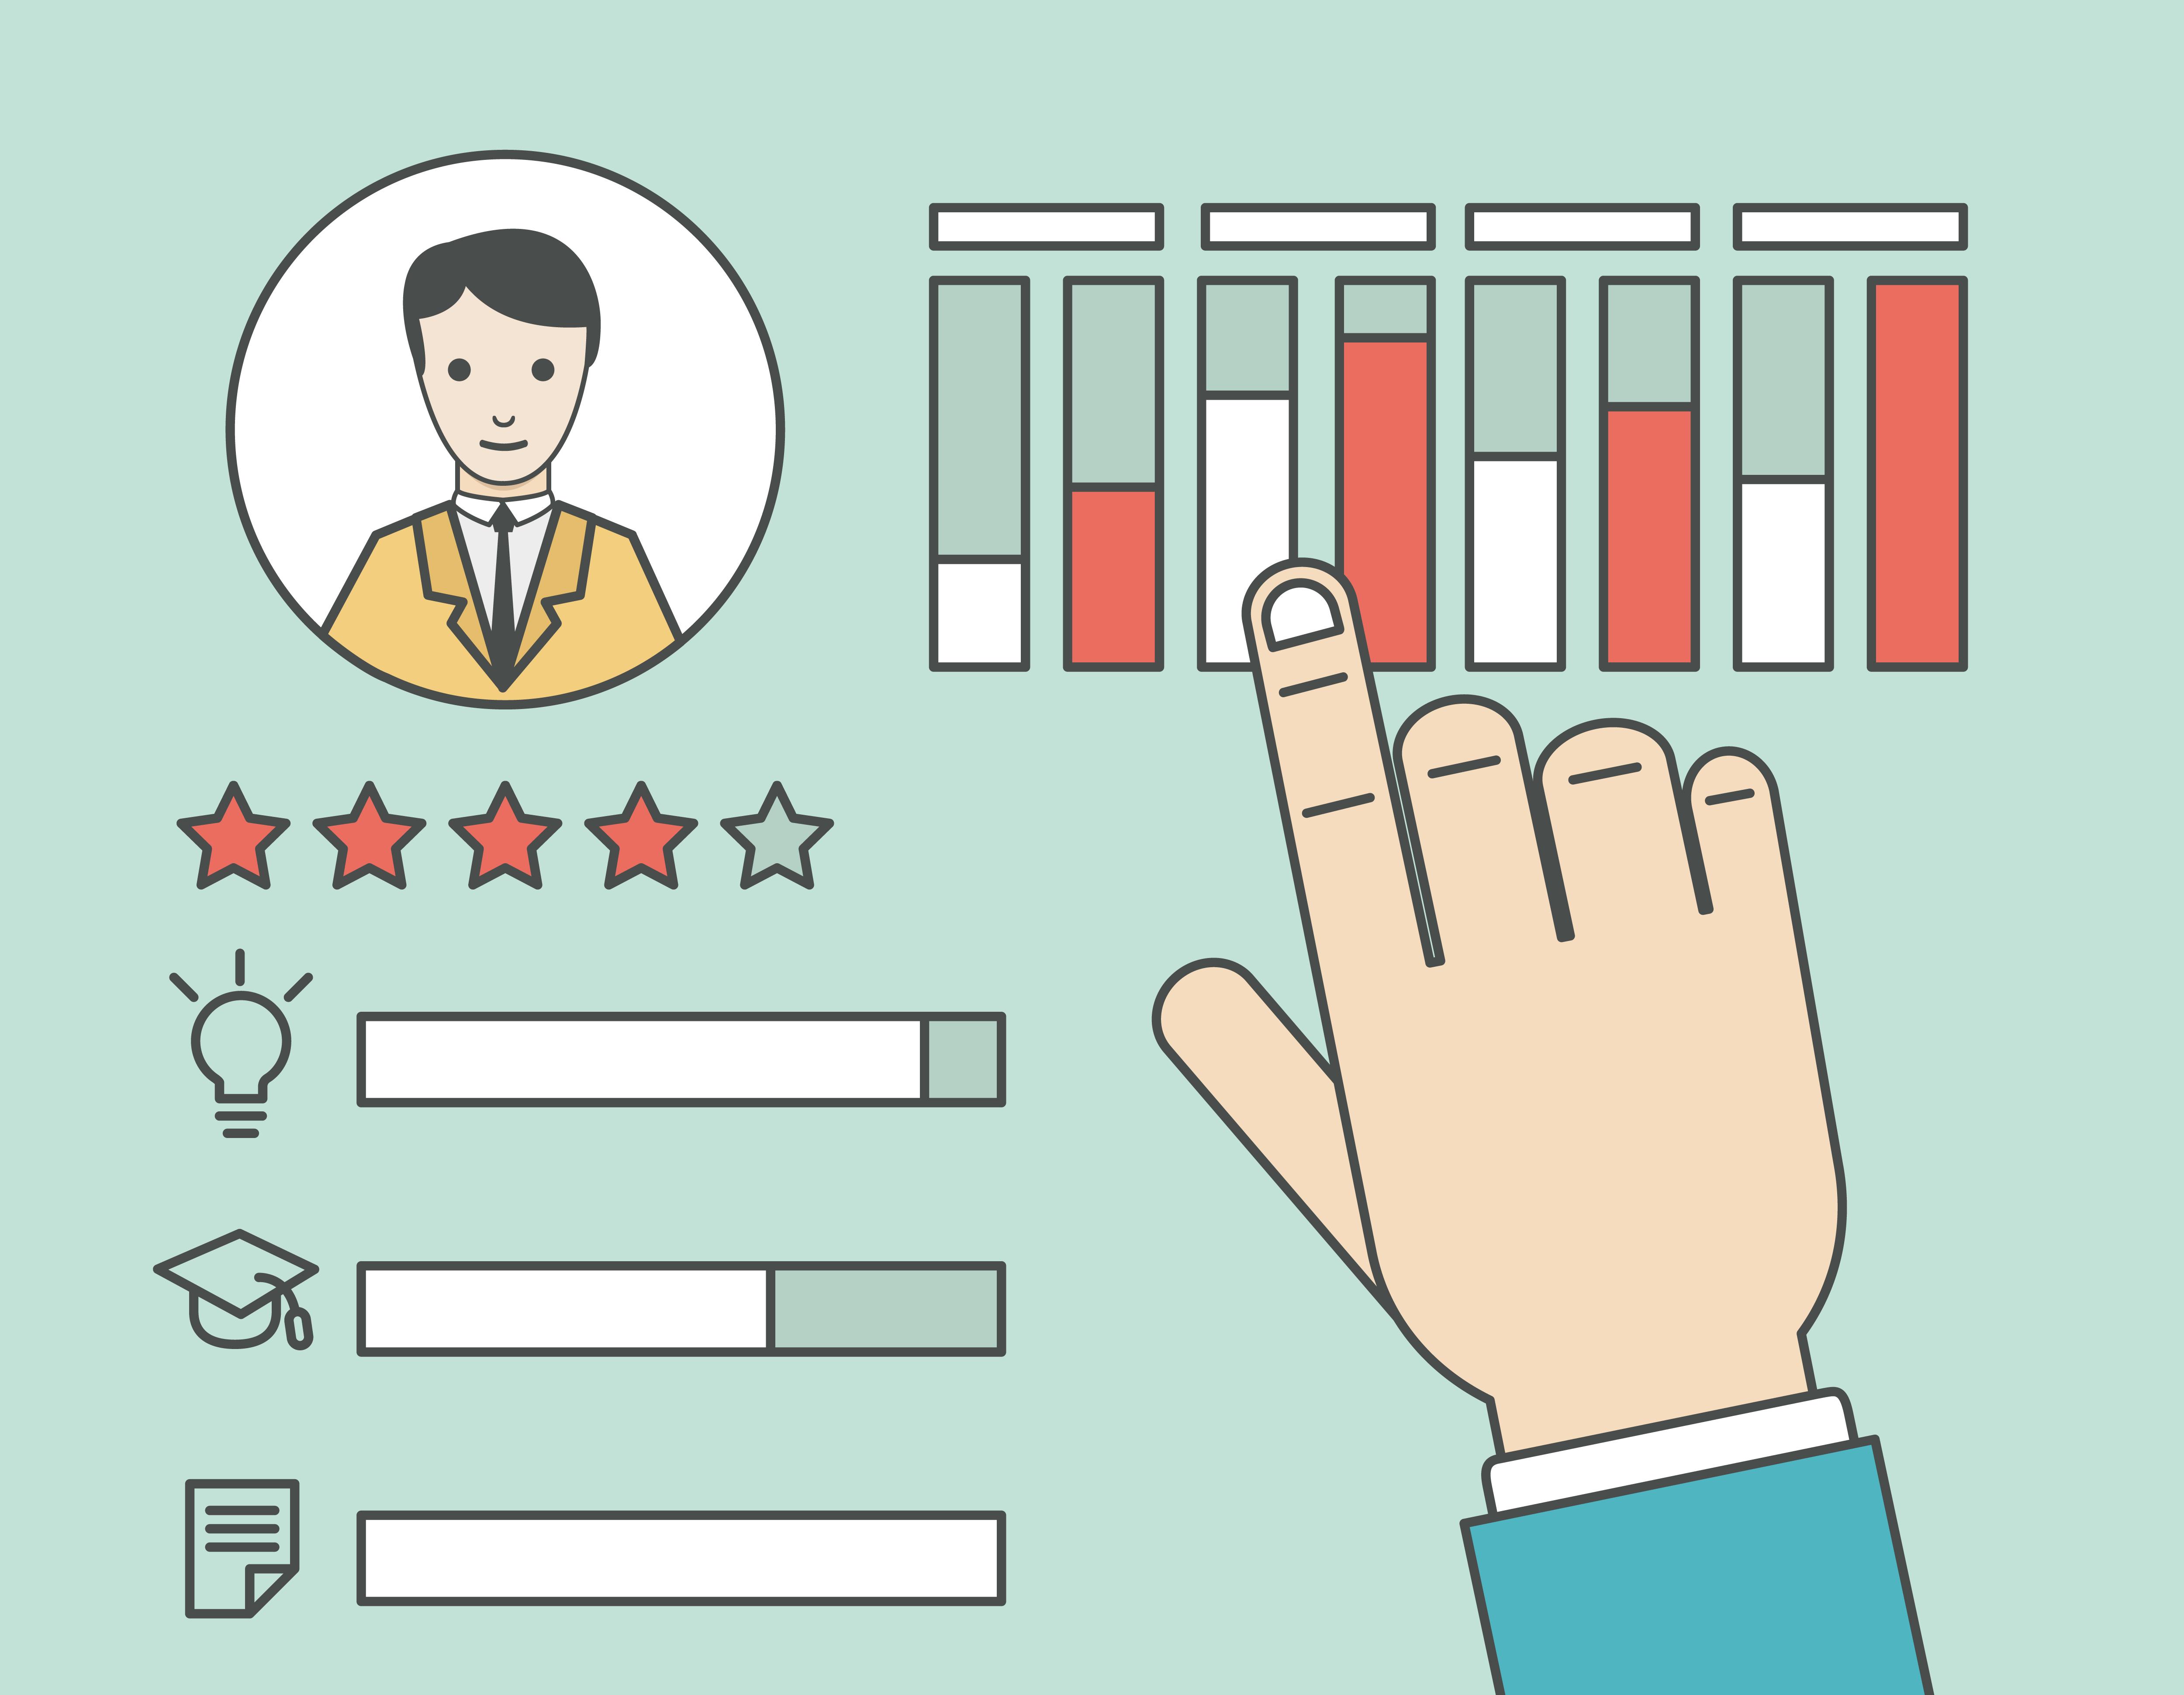 Les 7 étapes pour créer un Service Client à partir de 0 ! 14